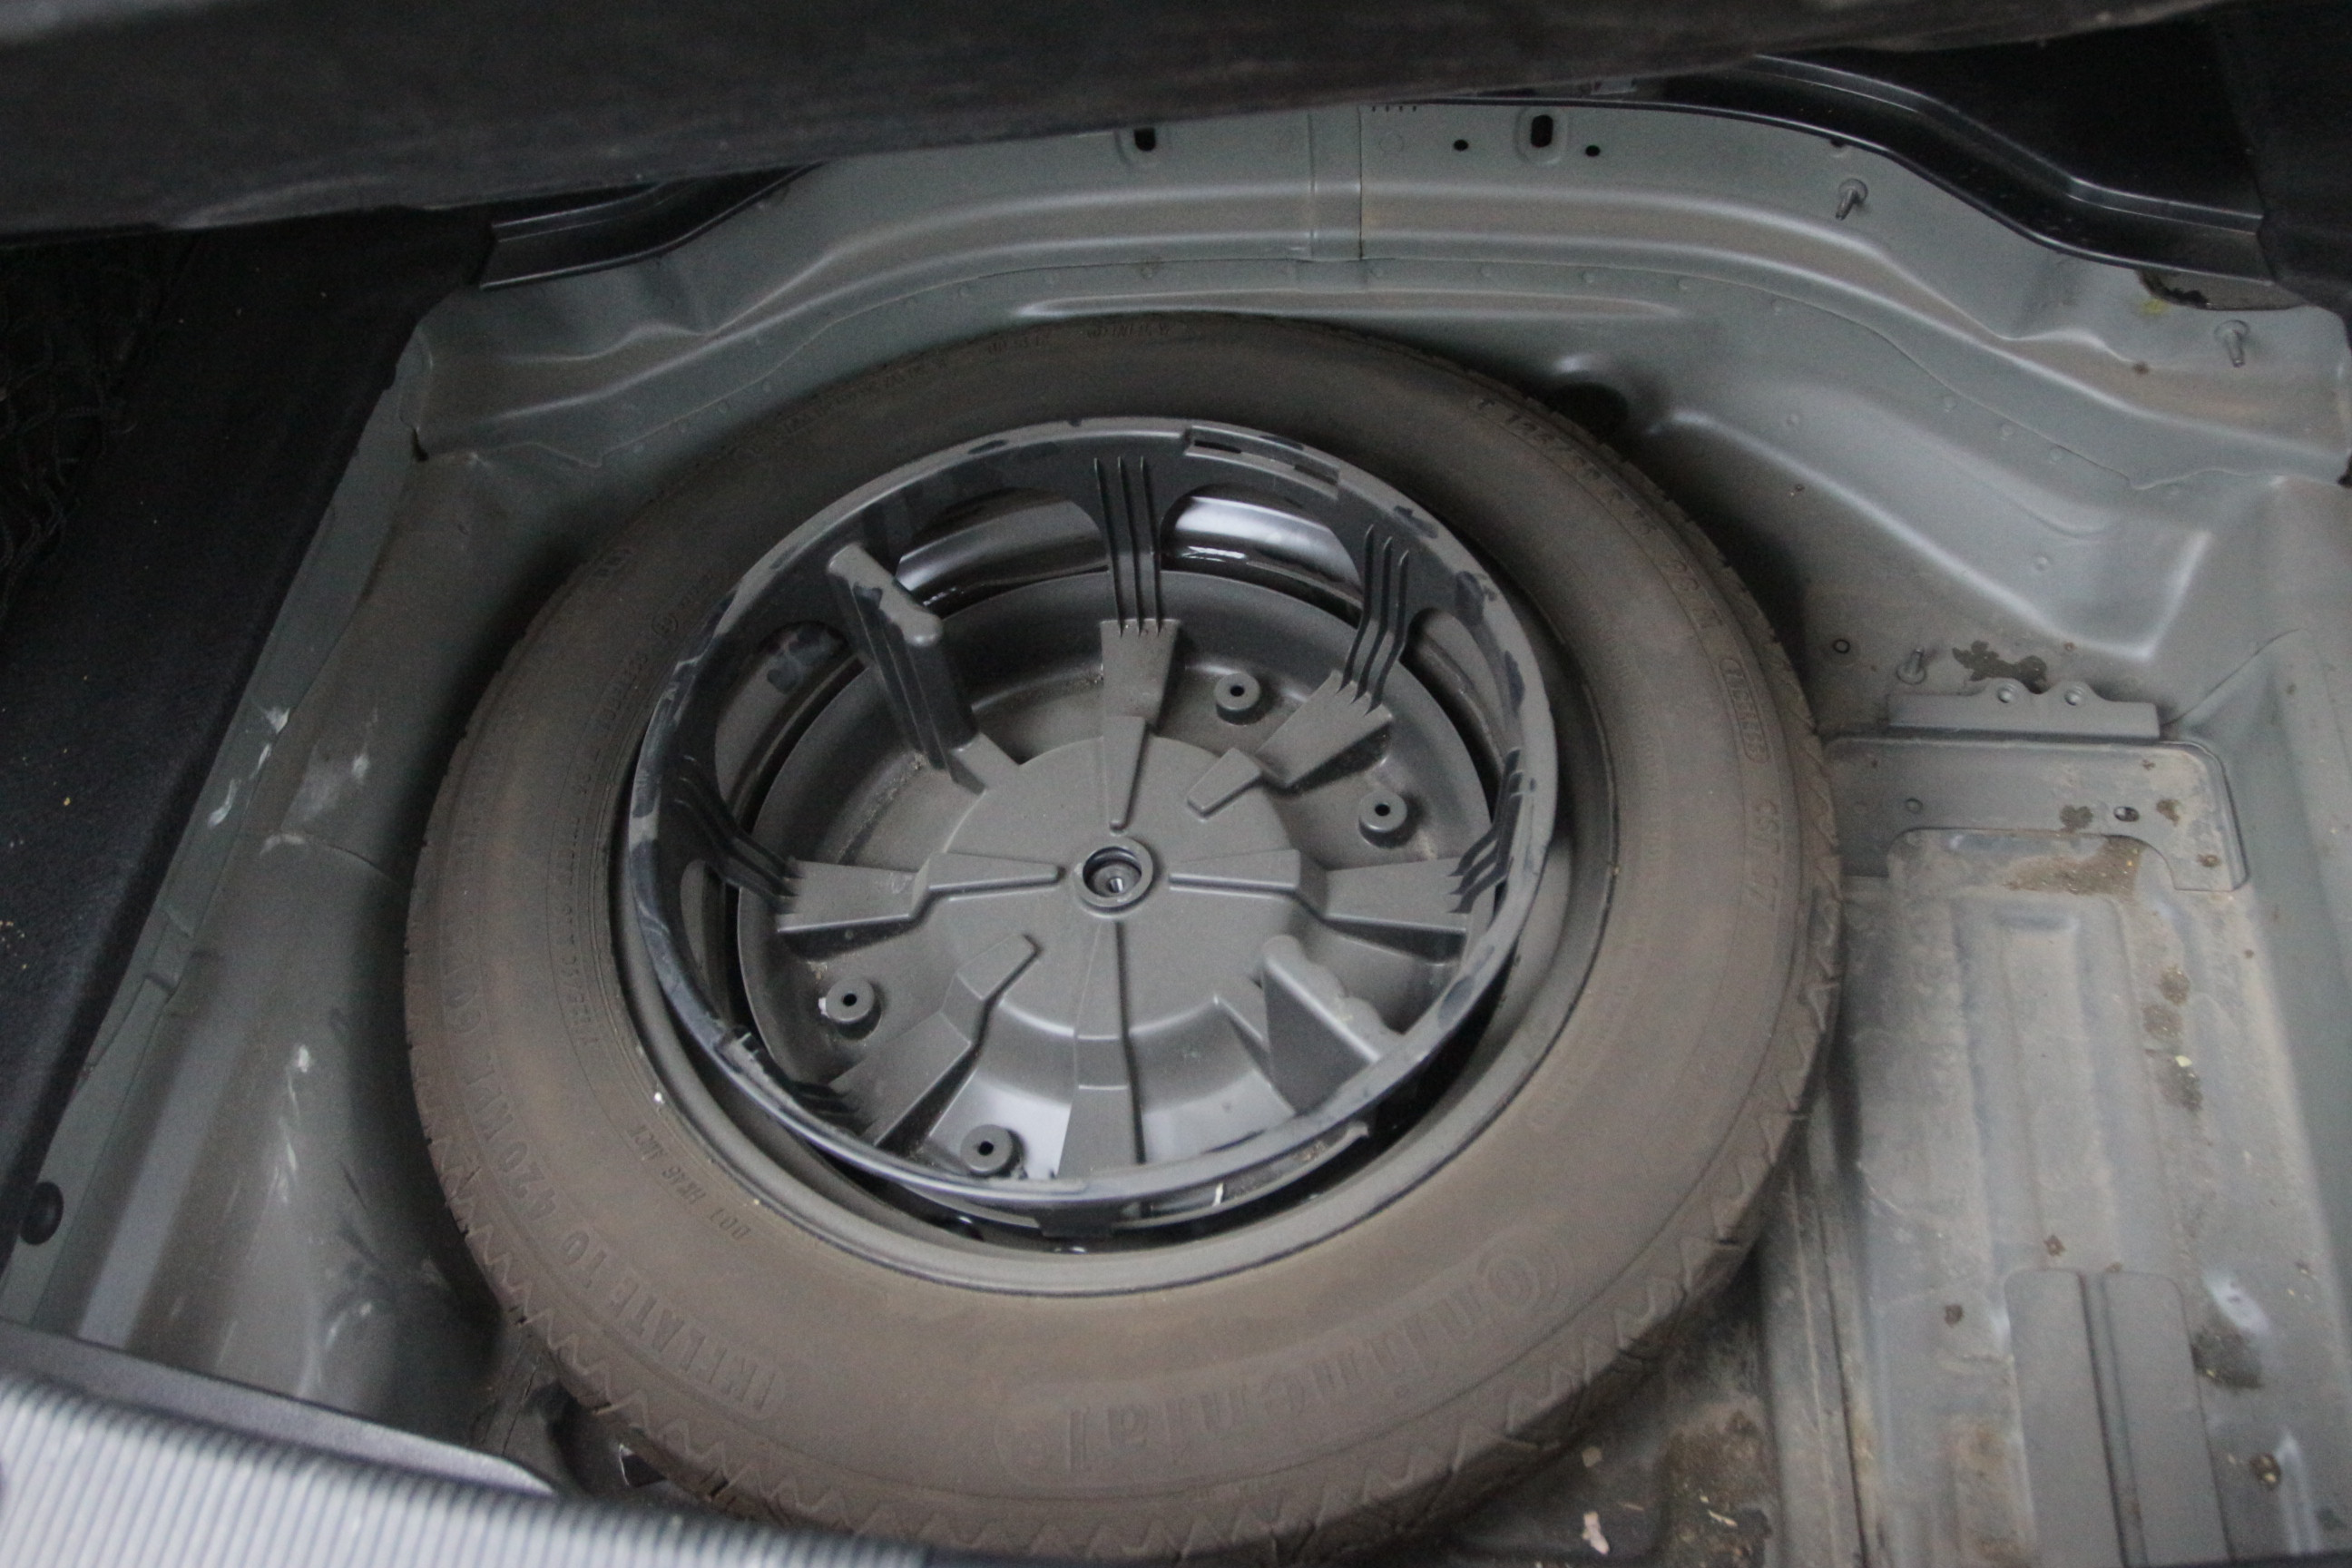 车身前后无结构损伤,发动机工况正常无抖动,变速箱工作正常,制动系统